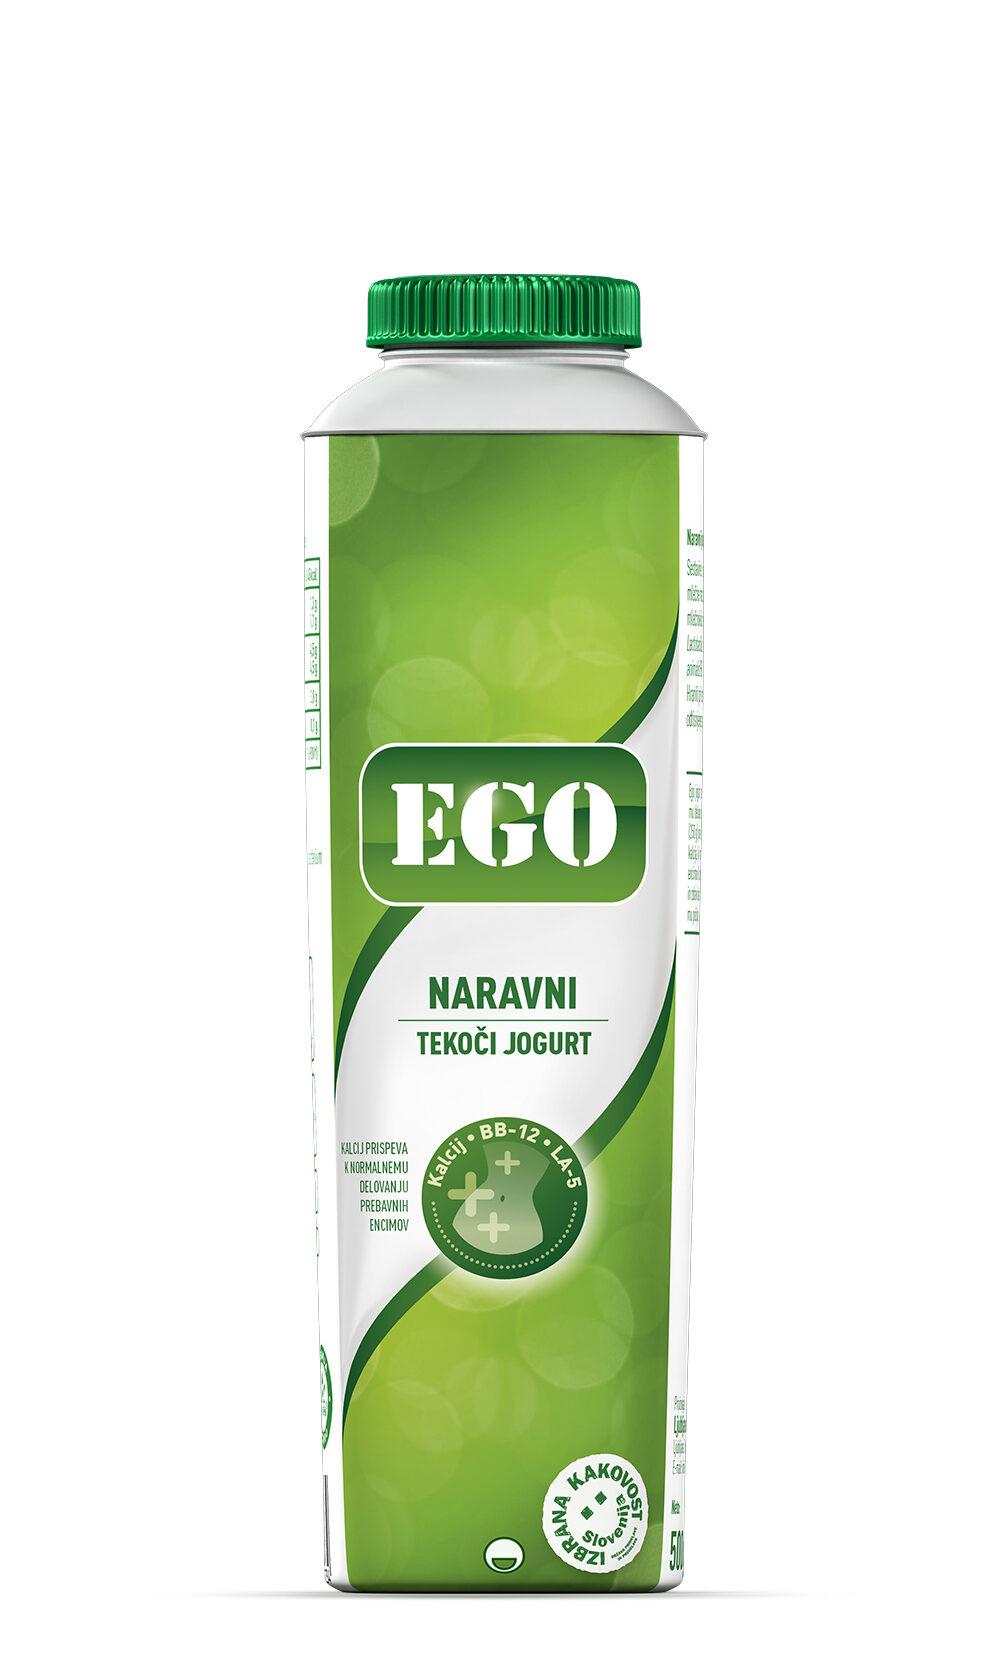 Ego, natural